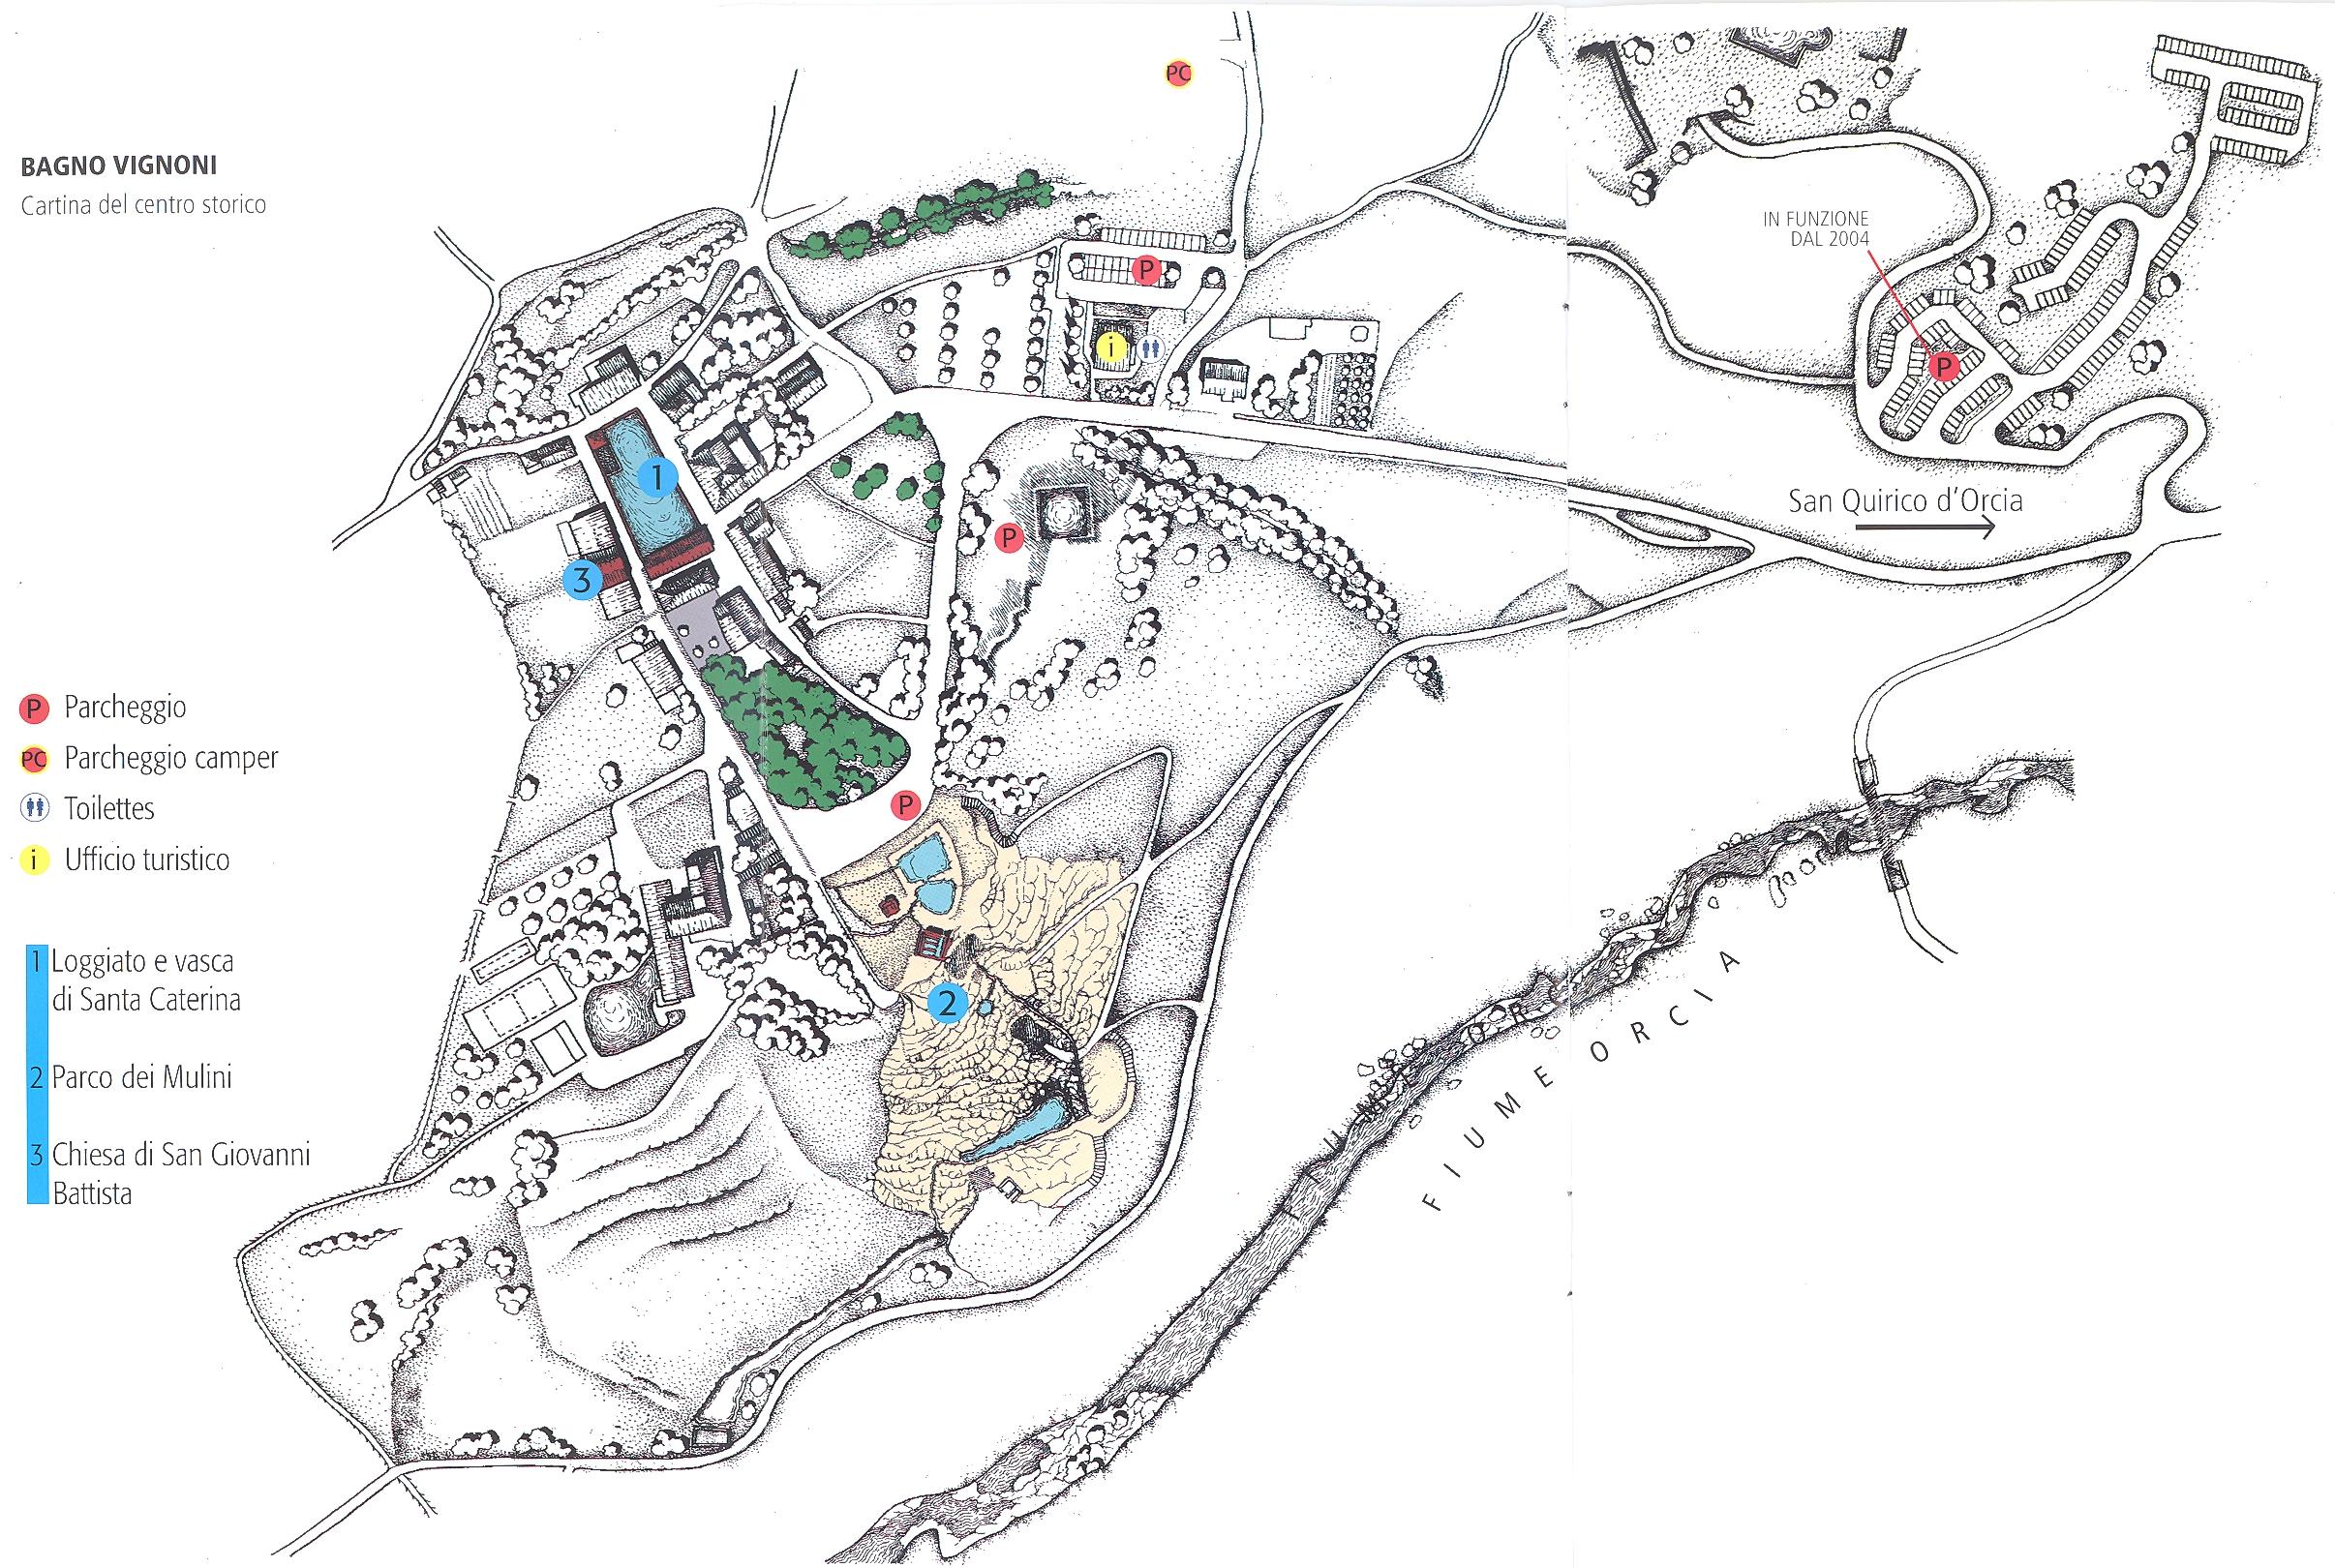 Bagno Vignoni Map - bagno vignoni it • mappery